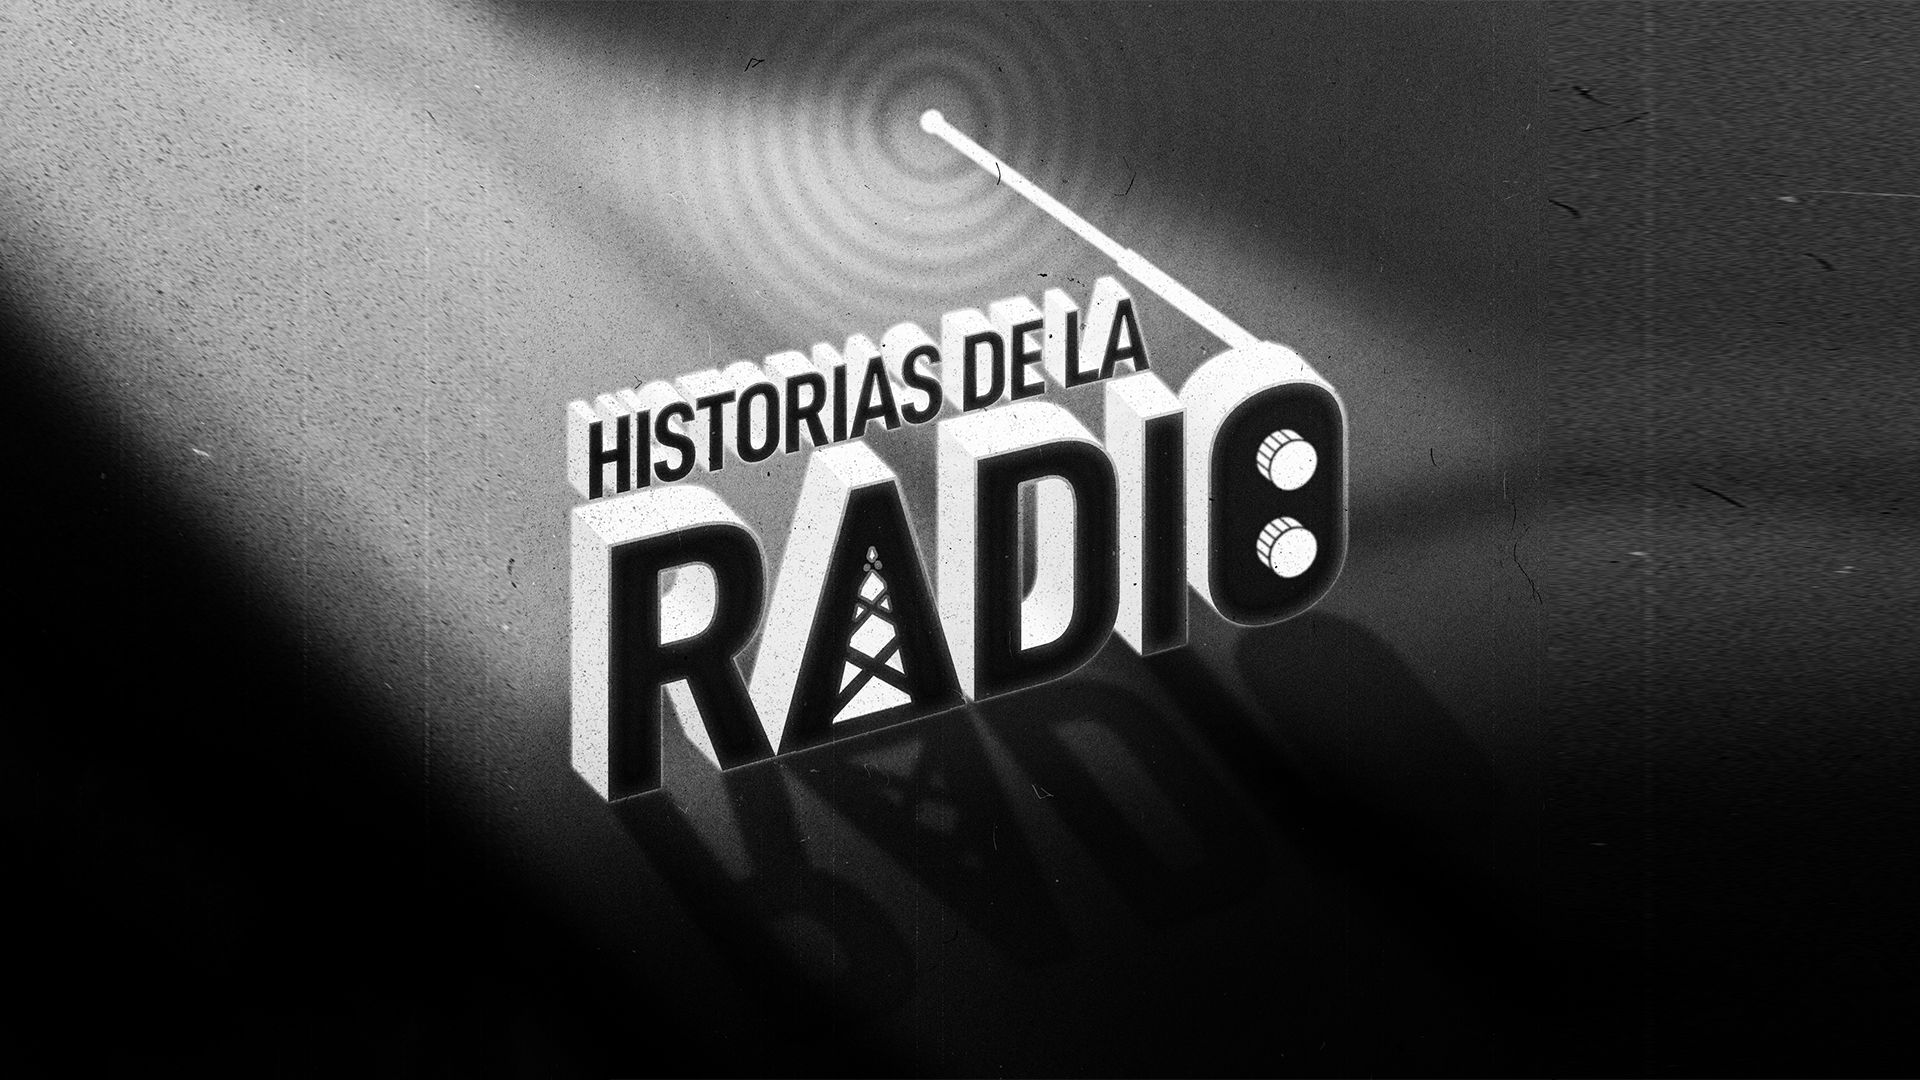 Historias de la radio: Luis del Olmo y el poema de Yurguin Murguin